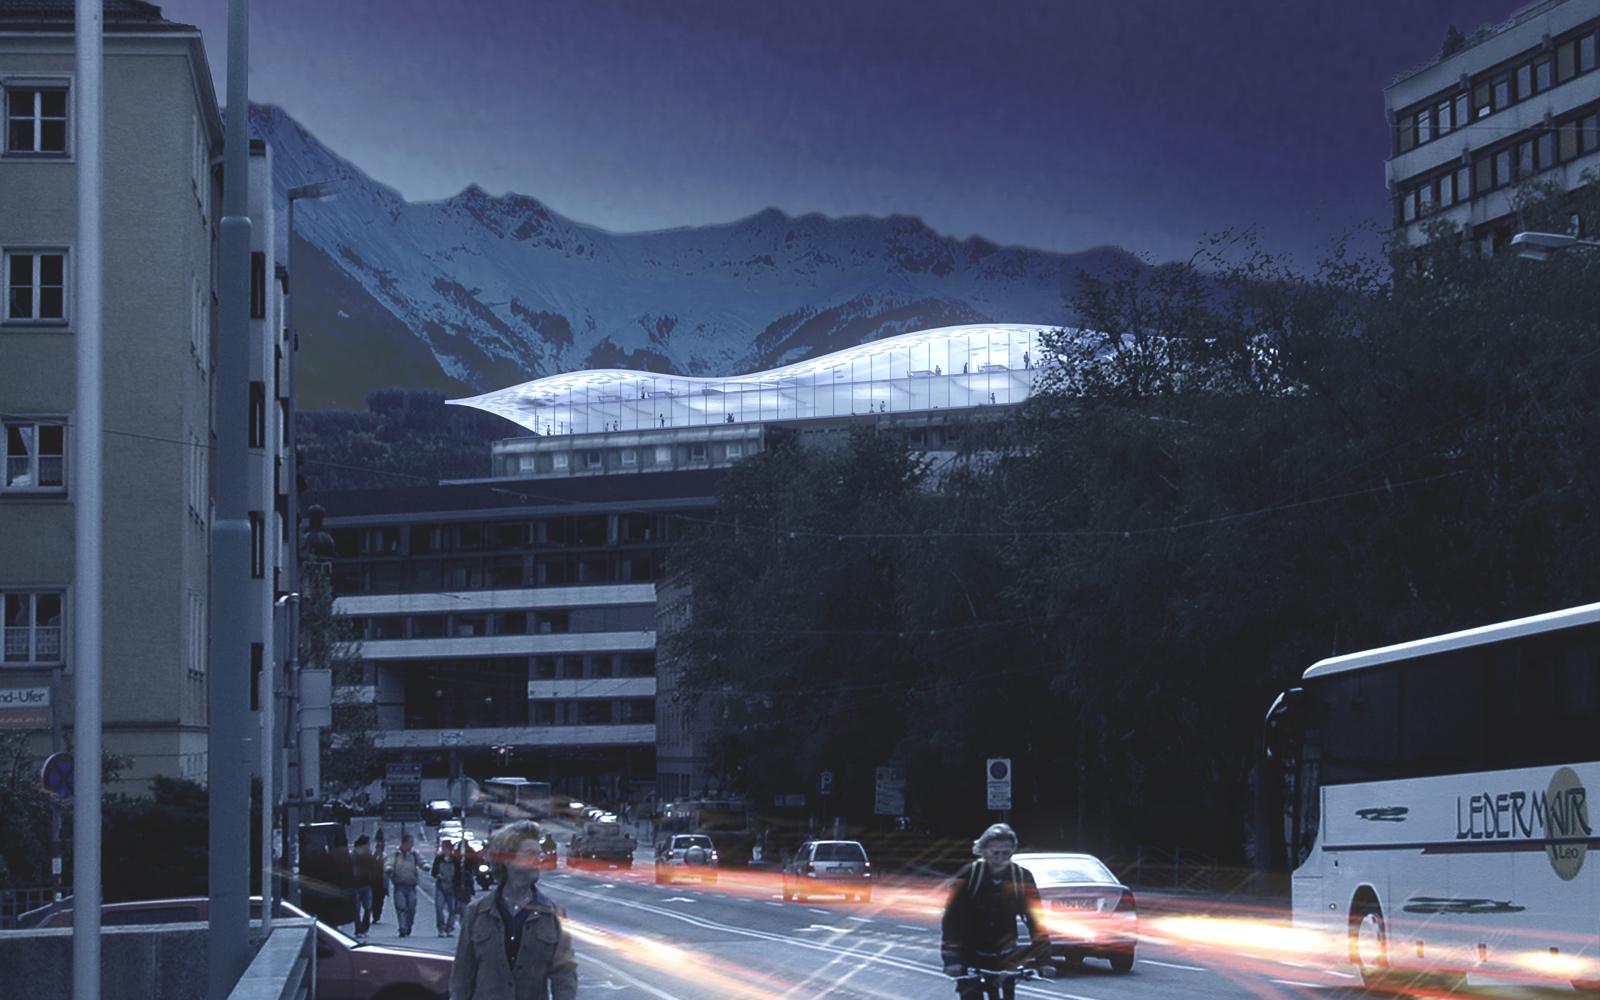 Uniklinik-Innsbruck-Perspektive-1-PAN.jpg